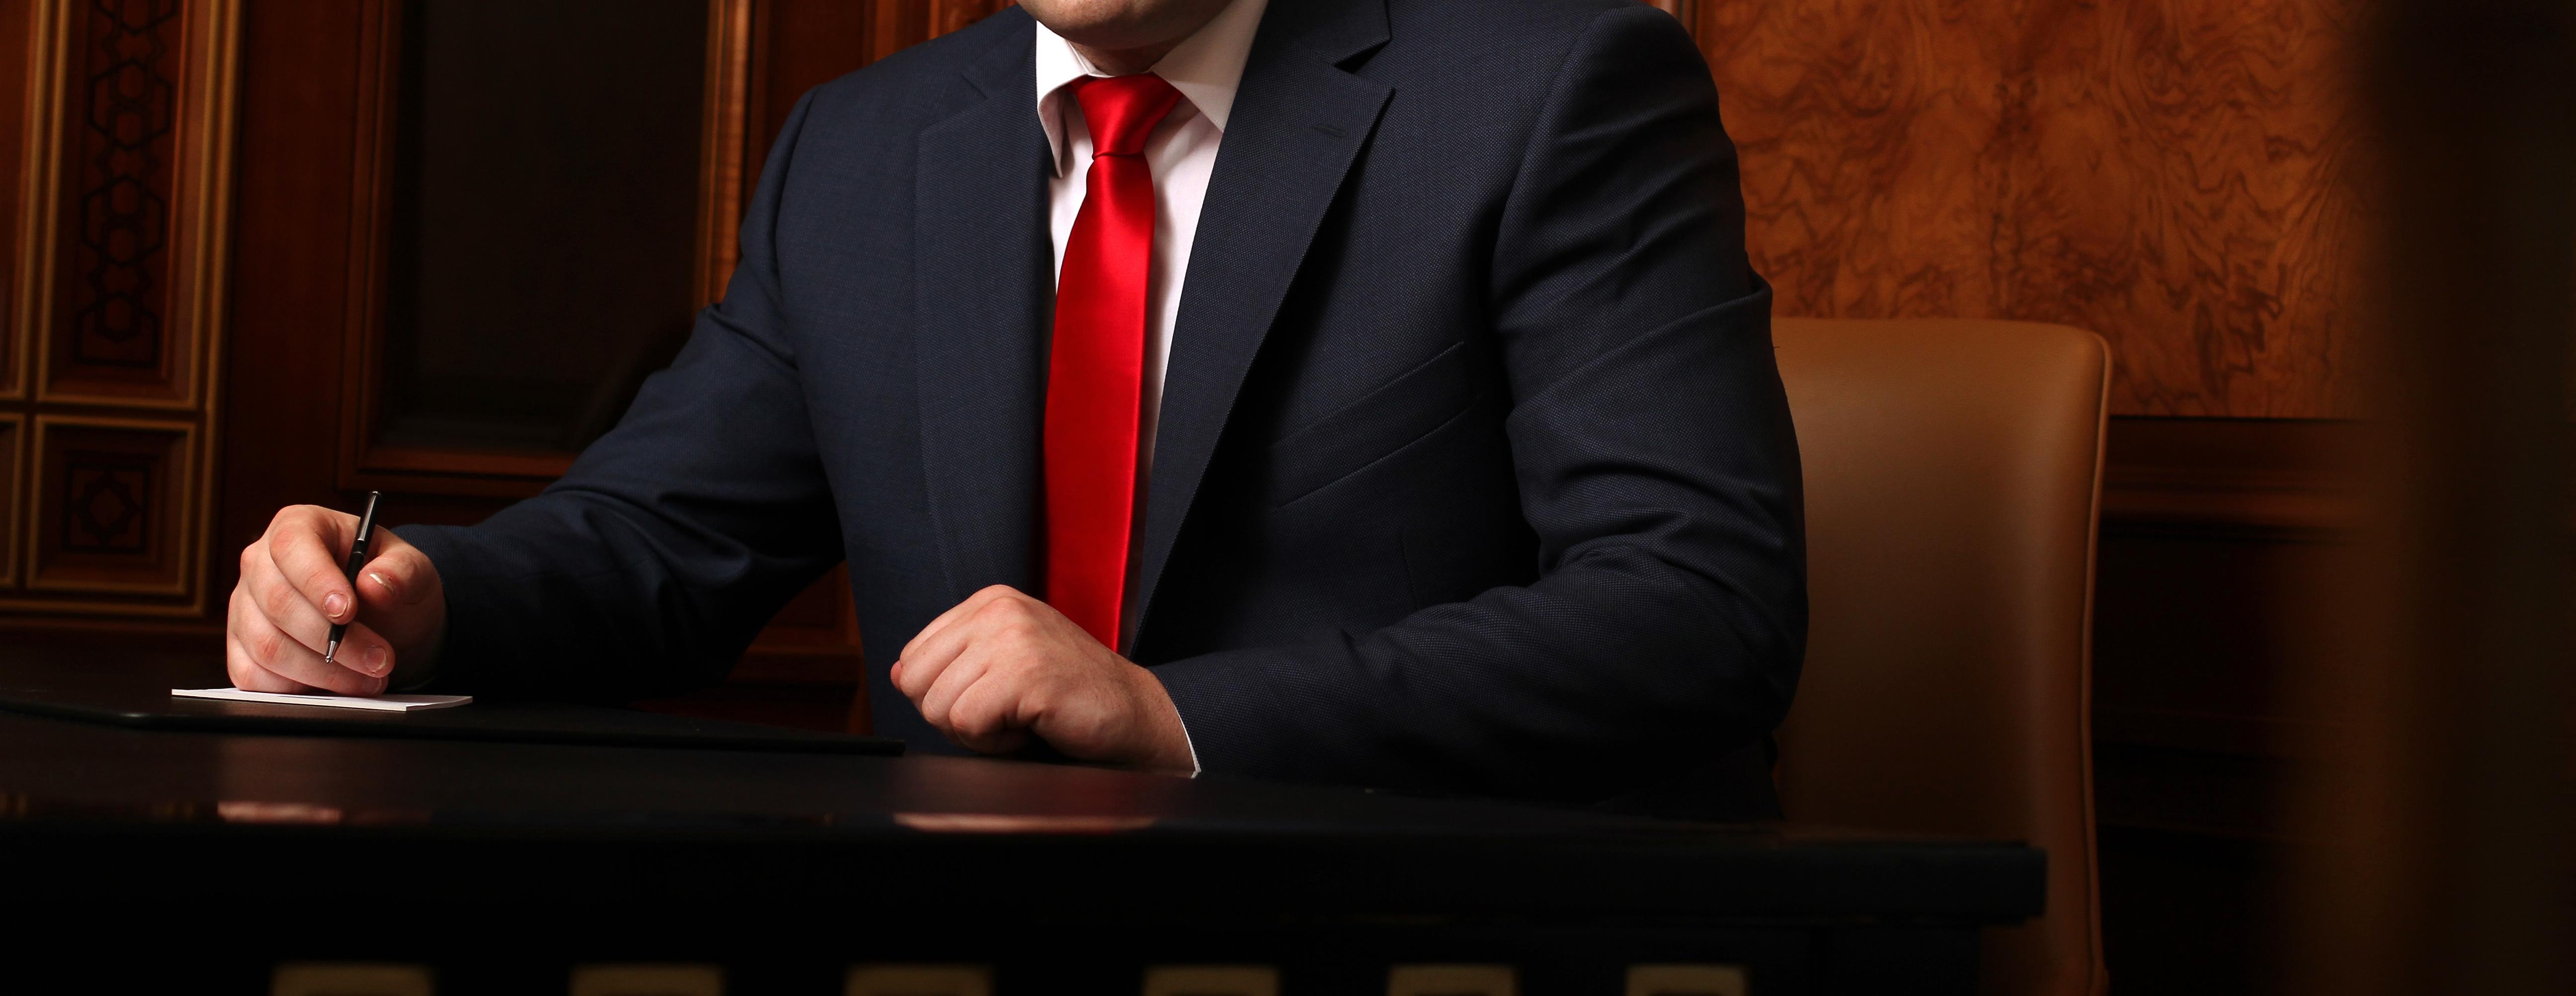 HIRING CRIMINAL DEFENCE LAWYER